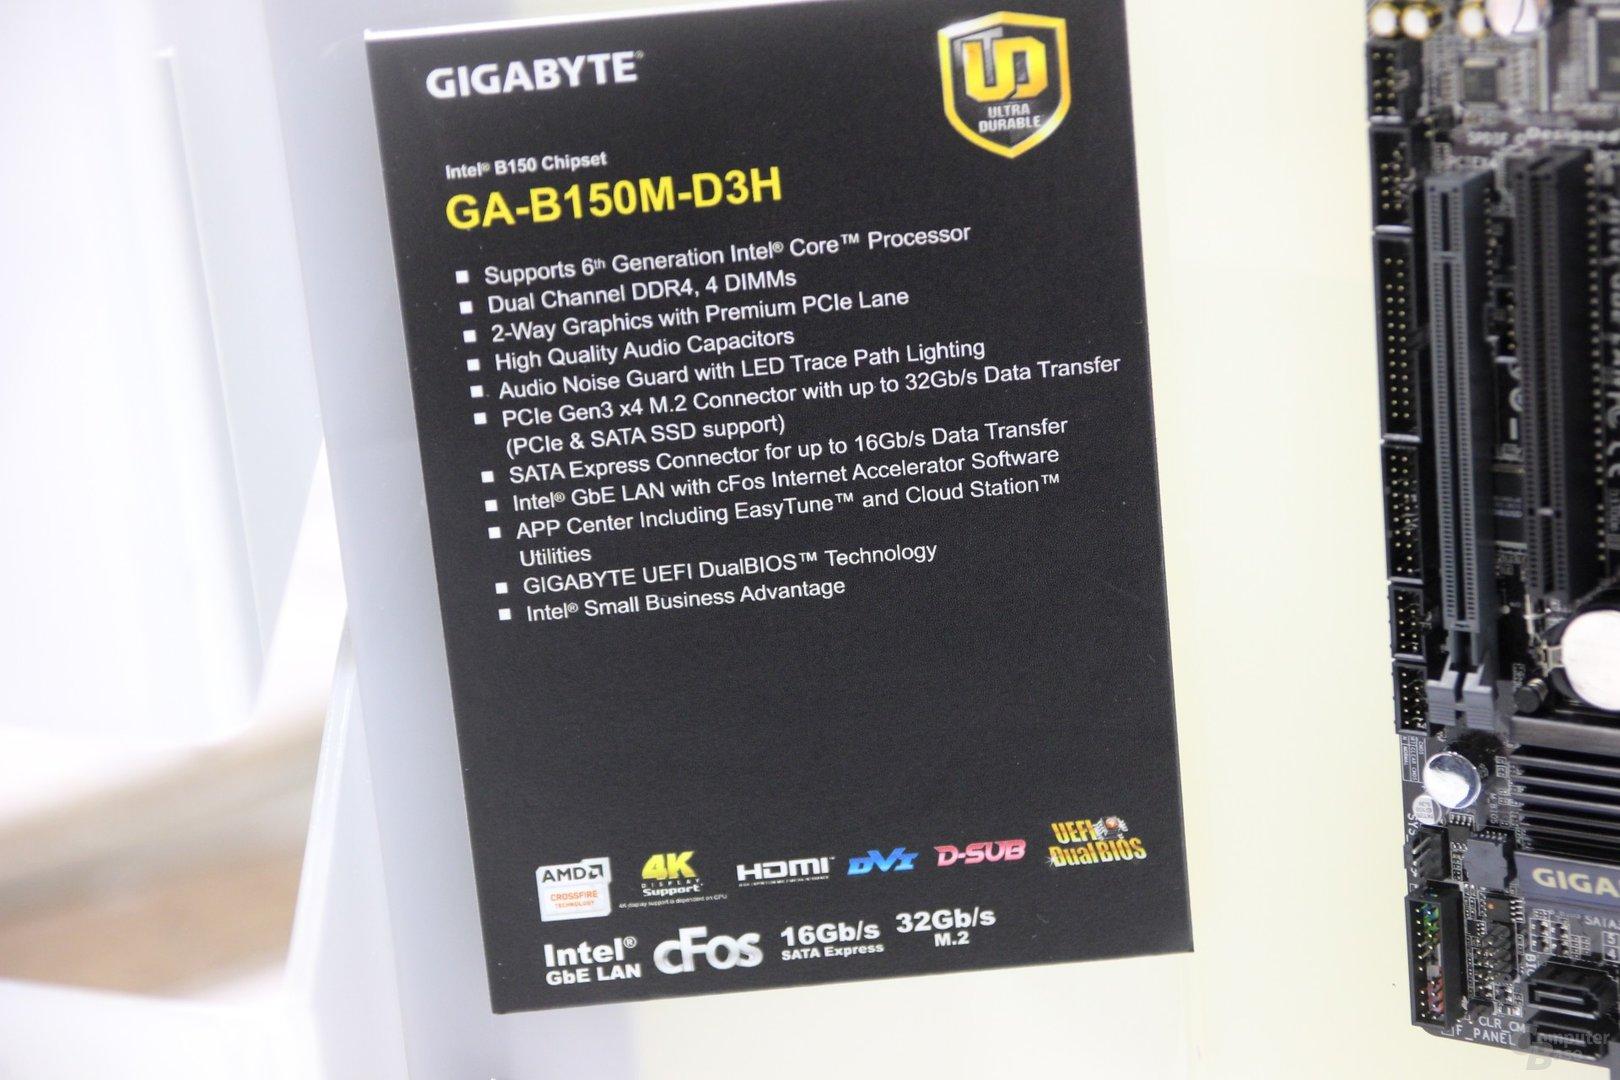 Spezifikationen des Gigabyte GA-B150M-D3H